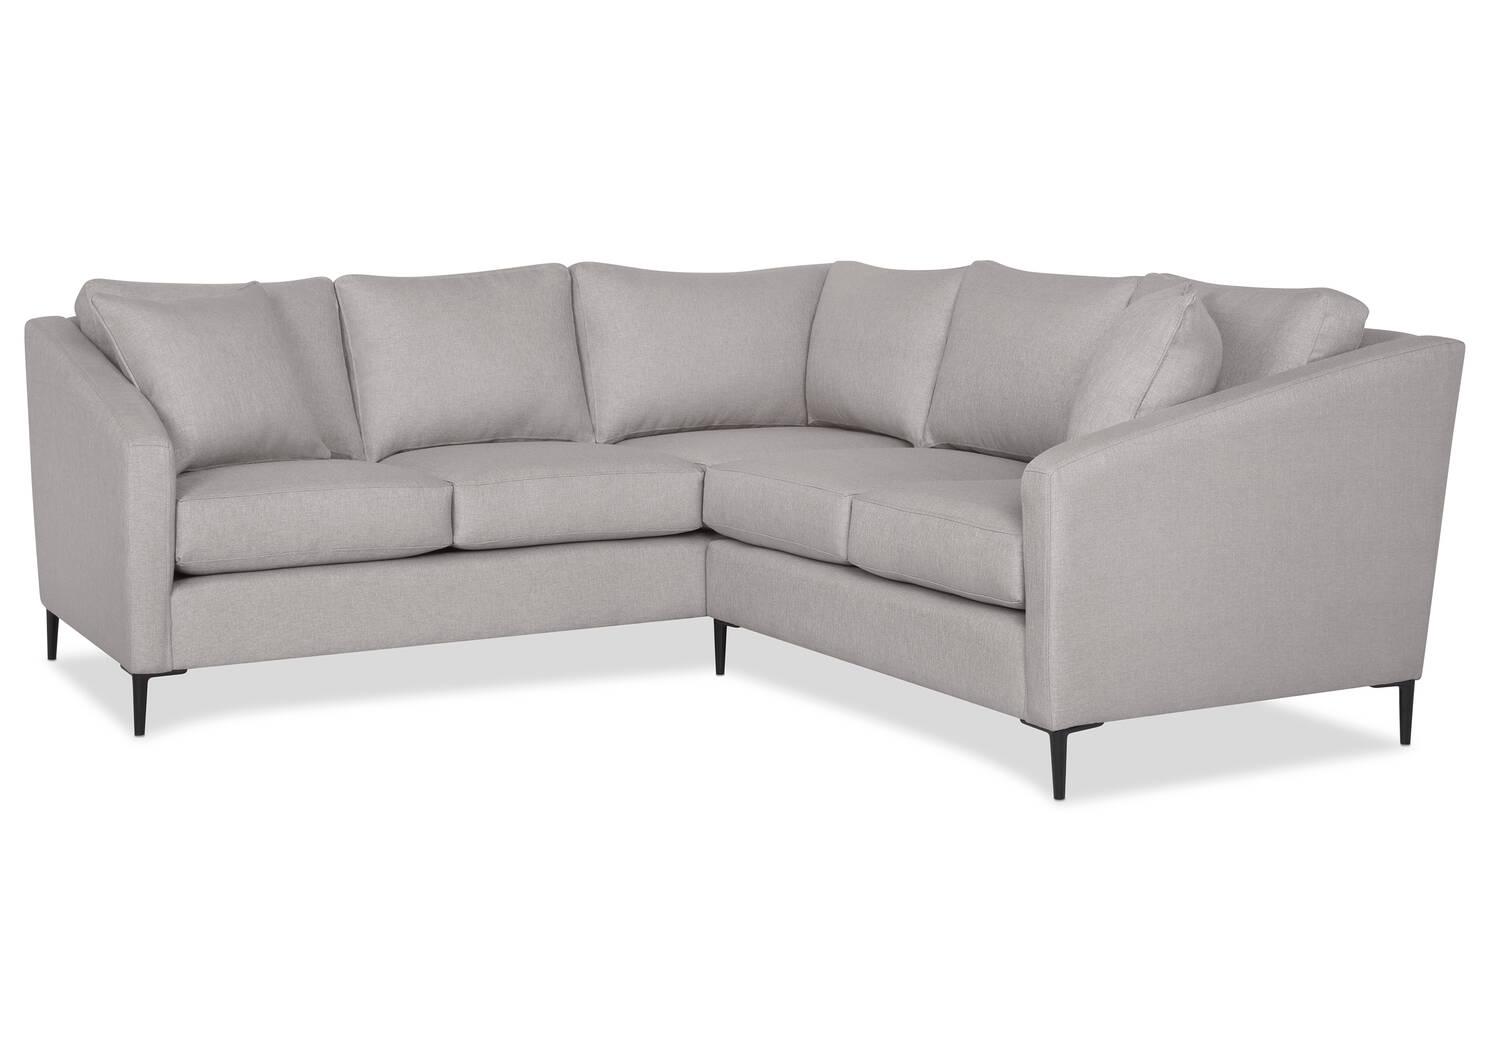 Canapé modulaire Hensley personnalisé